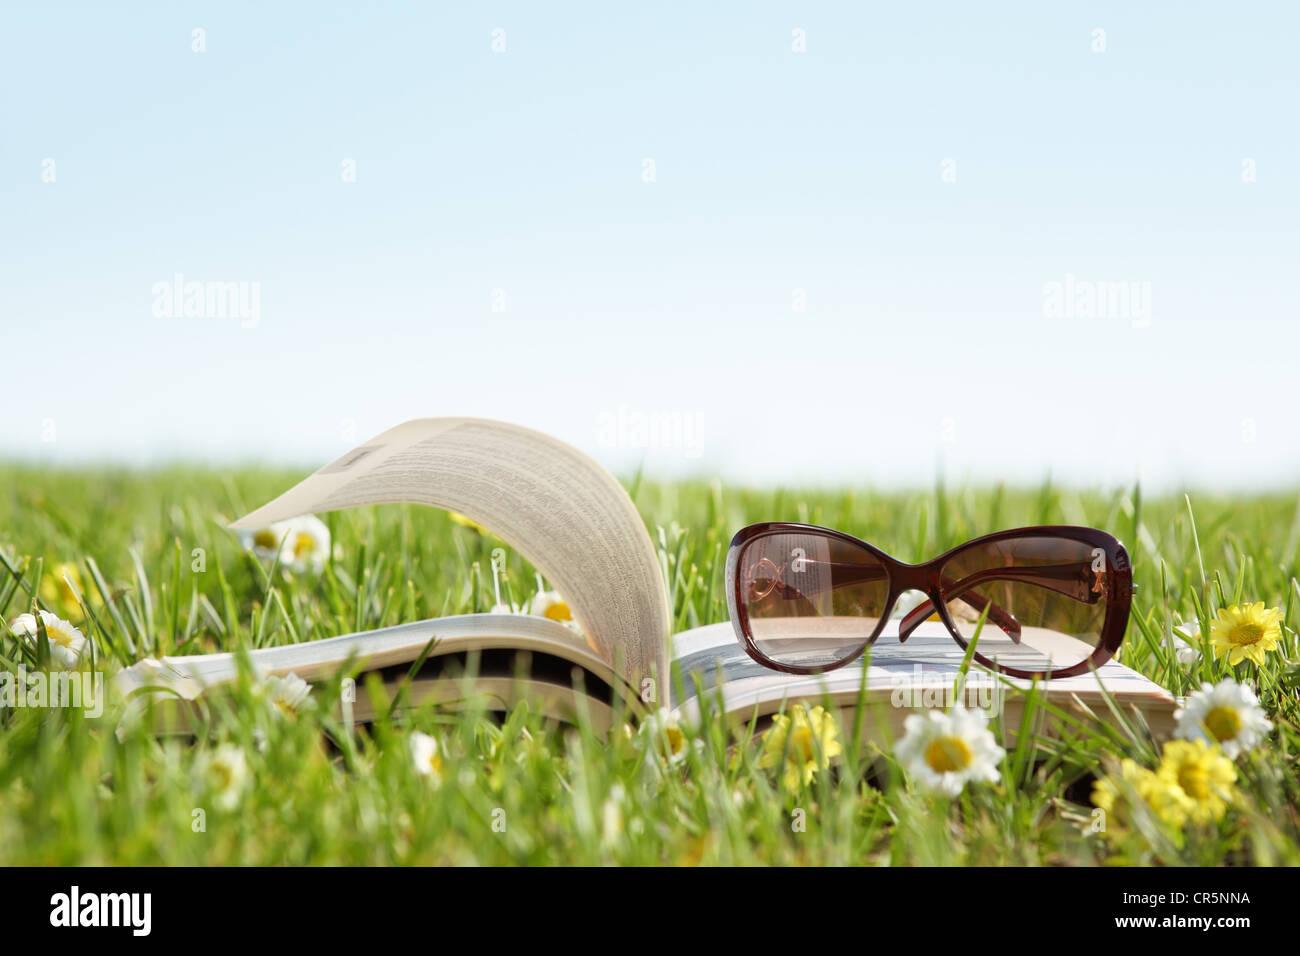 Occhiali su un libro al di fuori con erba verde Immagini Stock